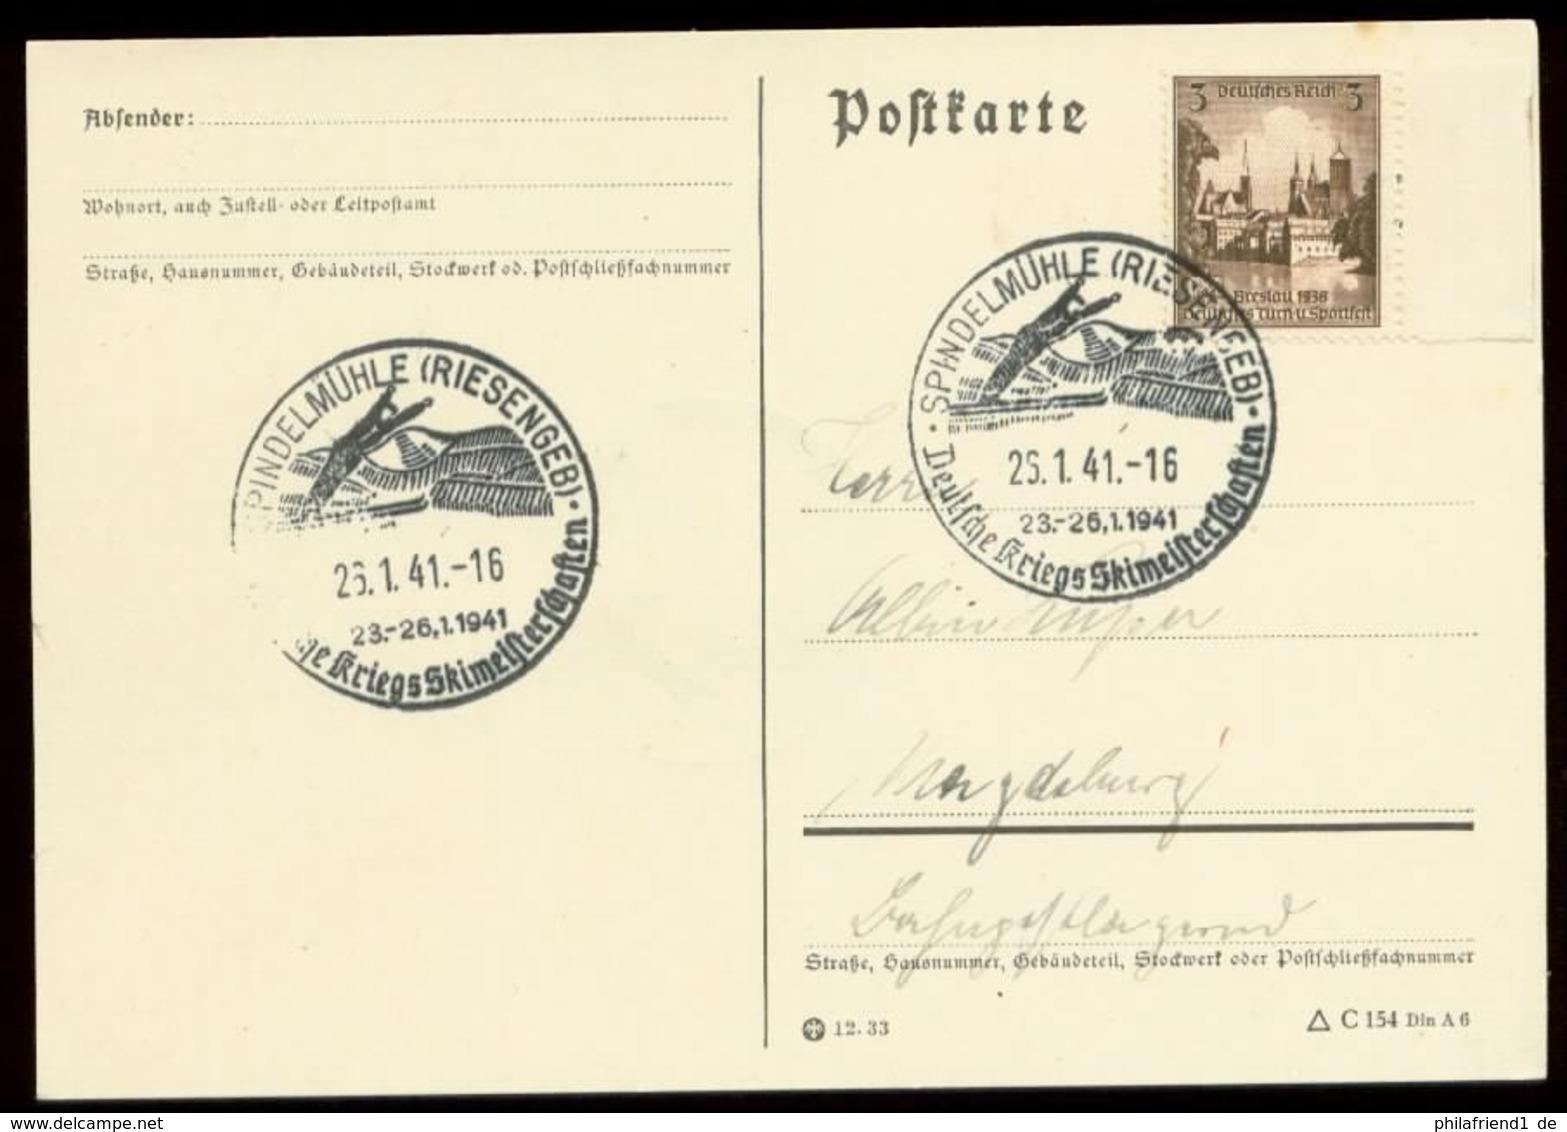 P0794 - DR Postkarte: Gebraucht Mit Sport Skispringen Sonderstempel Spindelmühle Riesengebirge 1941 - Deutschland